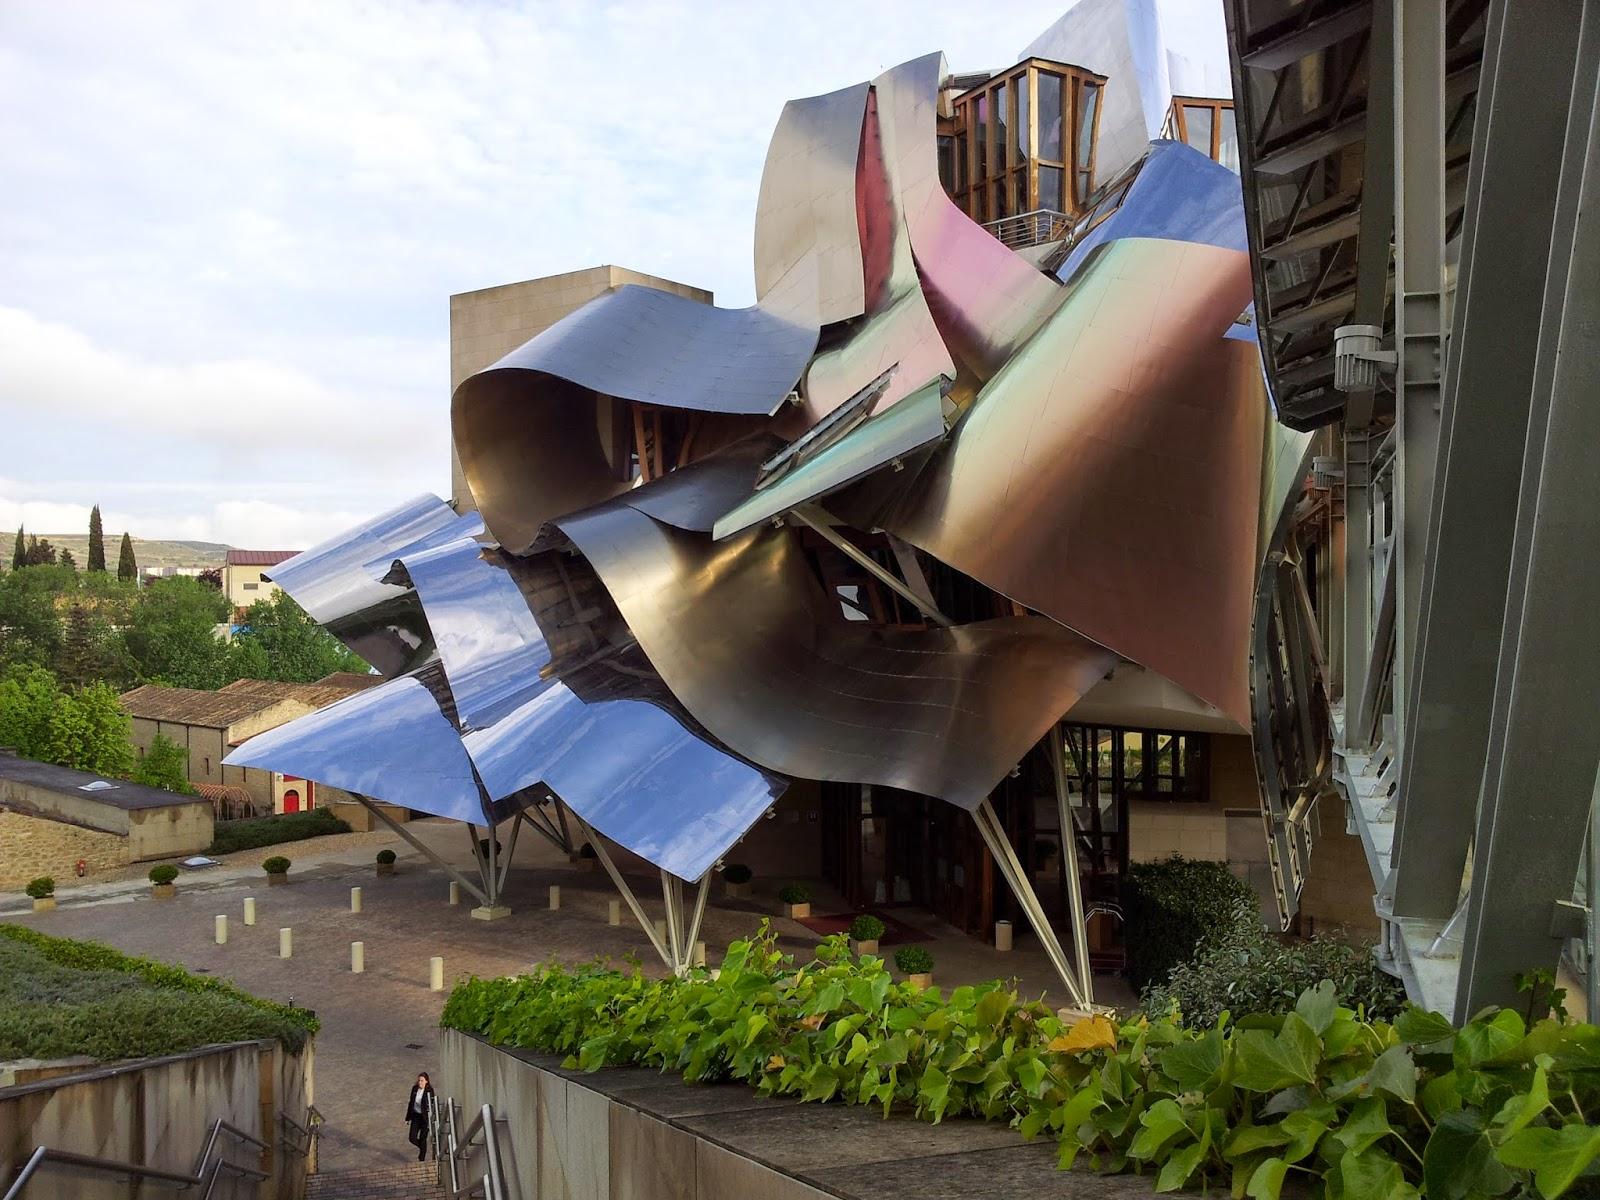 Rioja luxury hotel Marques de Riscal